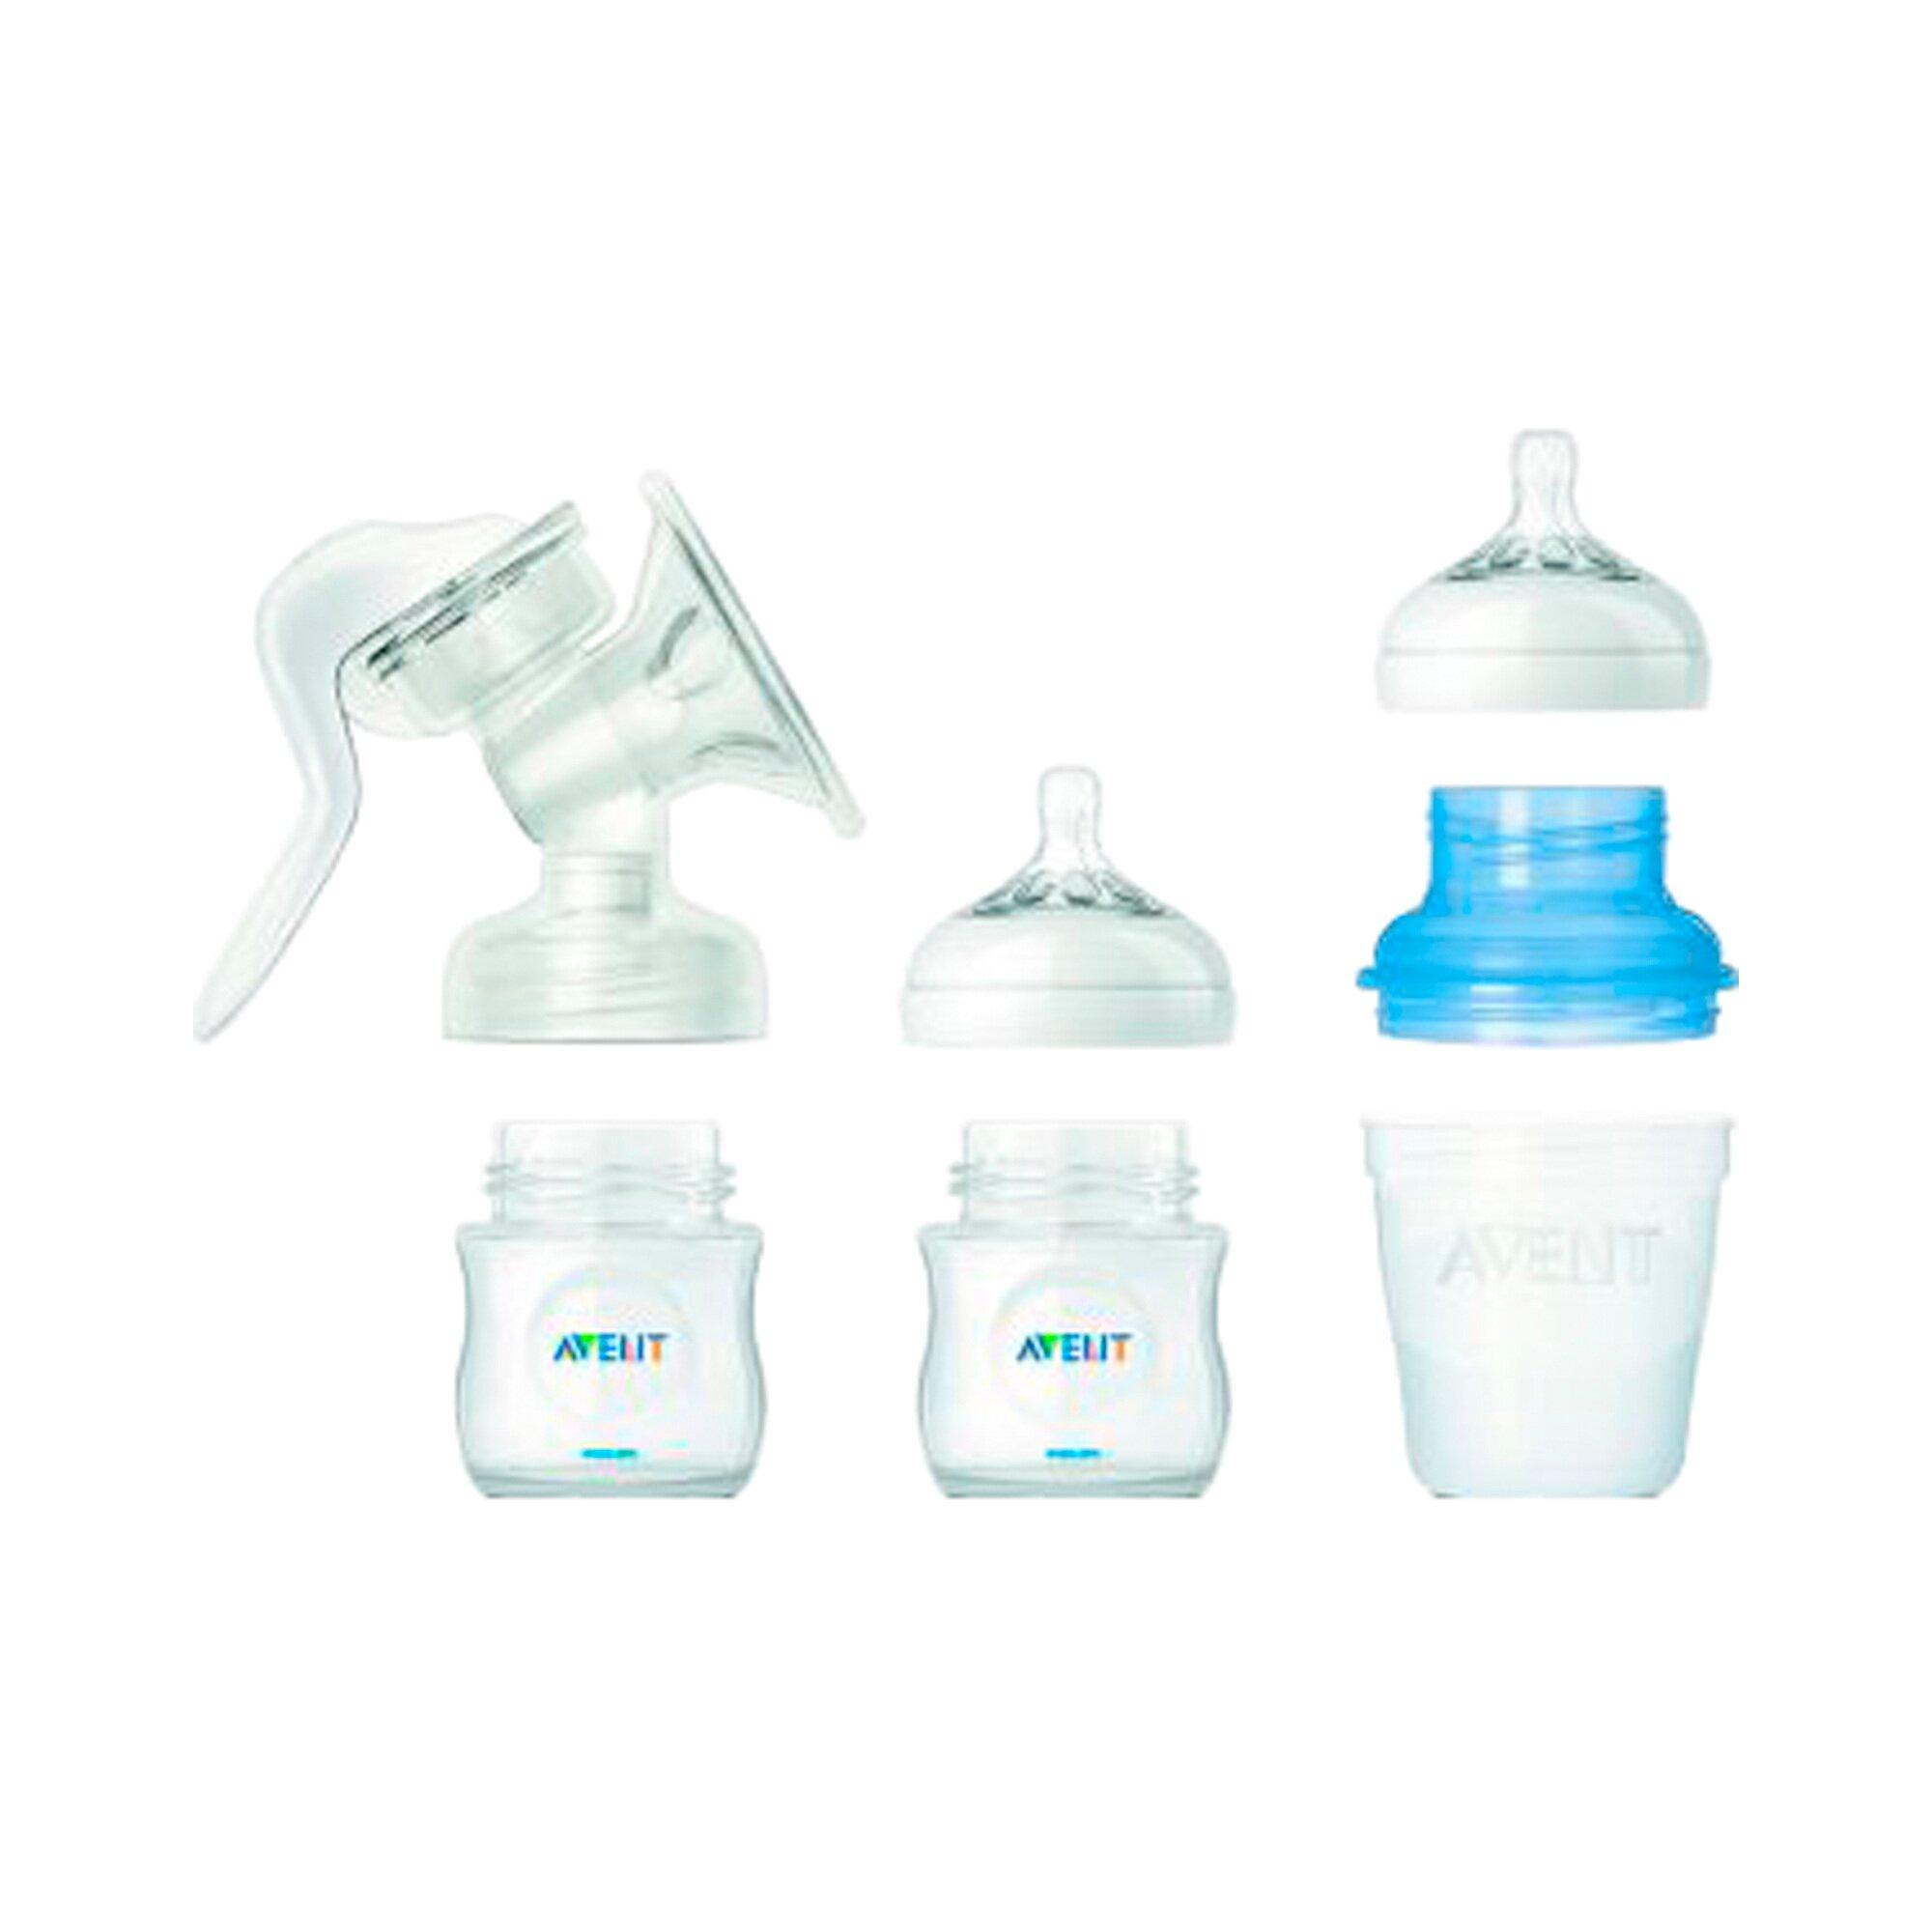 philips-avent-neugeborenen-glas-set-inkl-silikonsauger